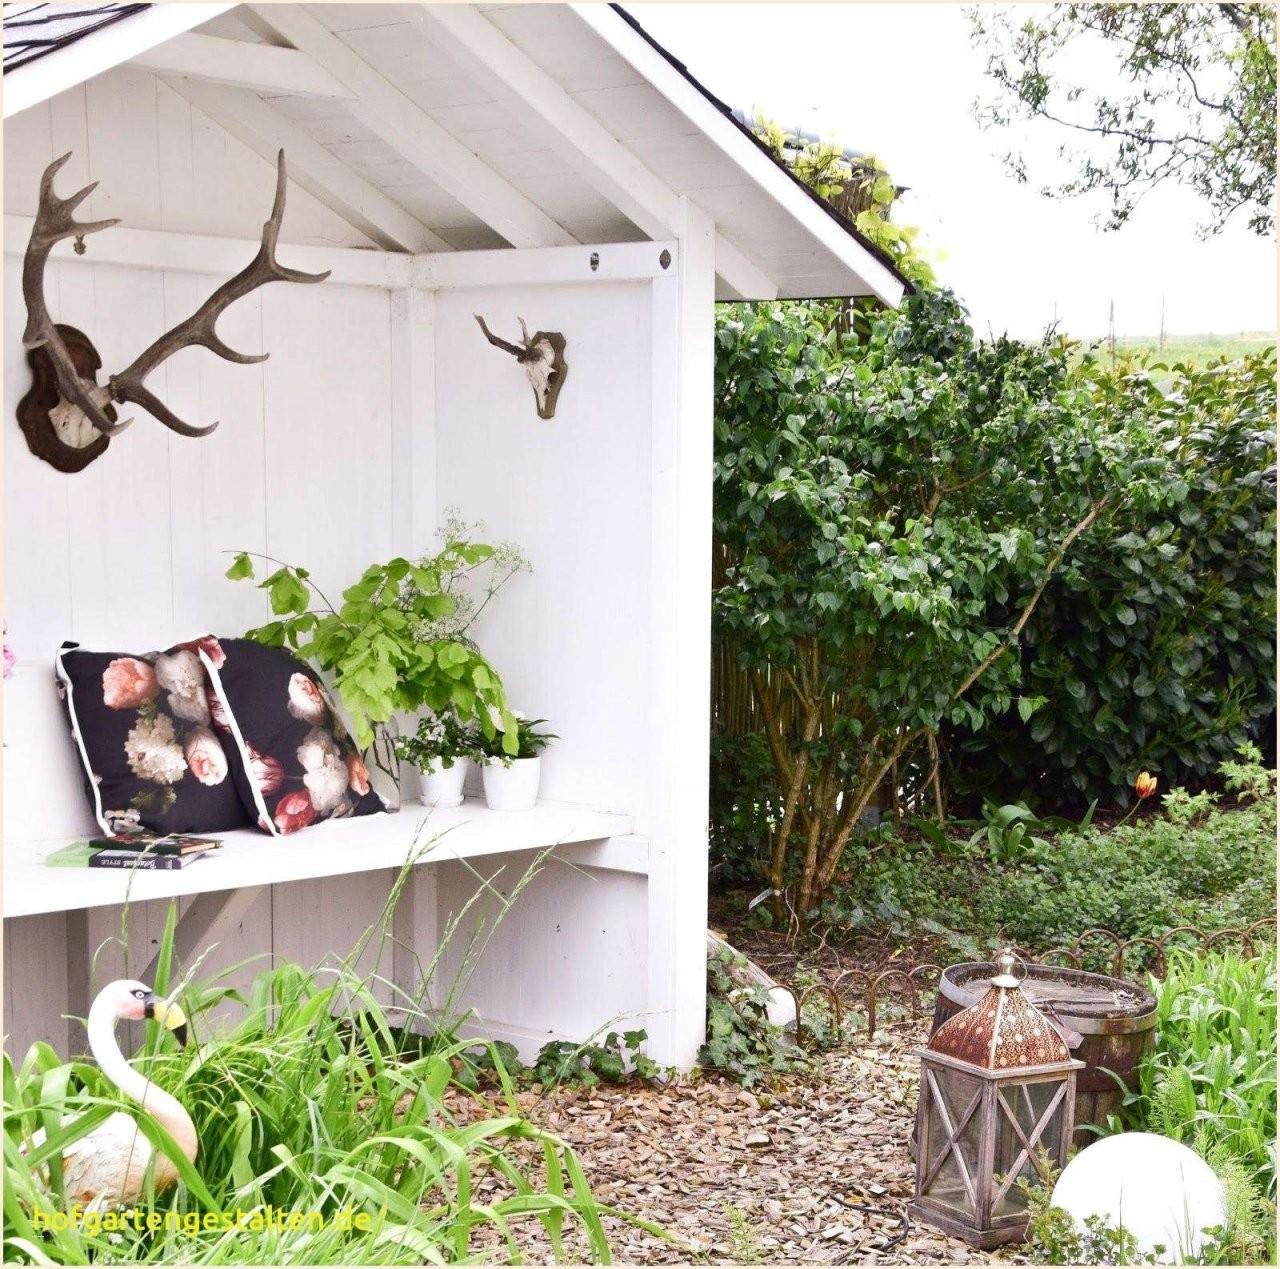 40 Luxus Holzfiguren Für Den Garten Für Ideen Selber Machen Garten von Holzfiguren Garten Selber Machen Bild